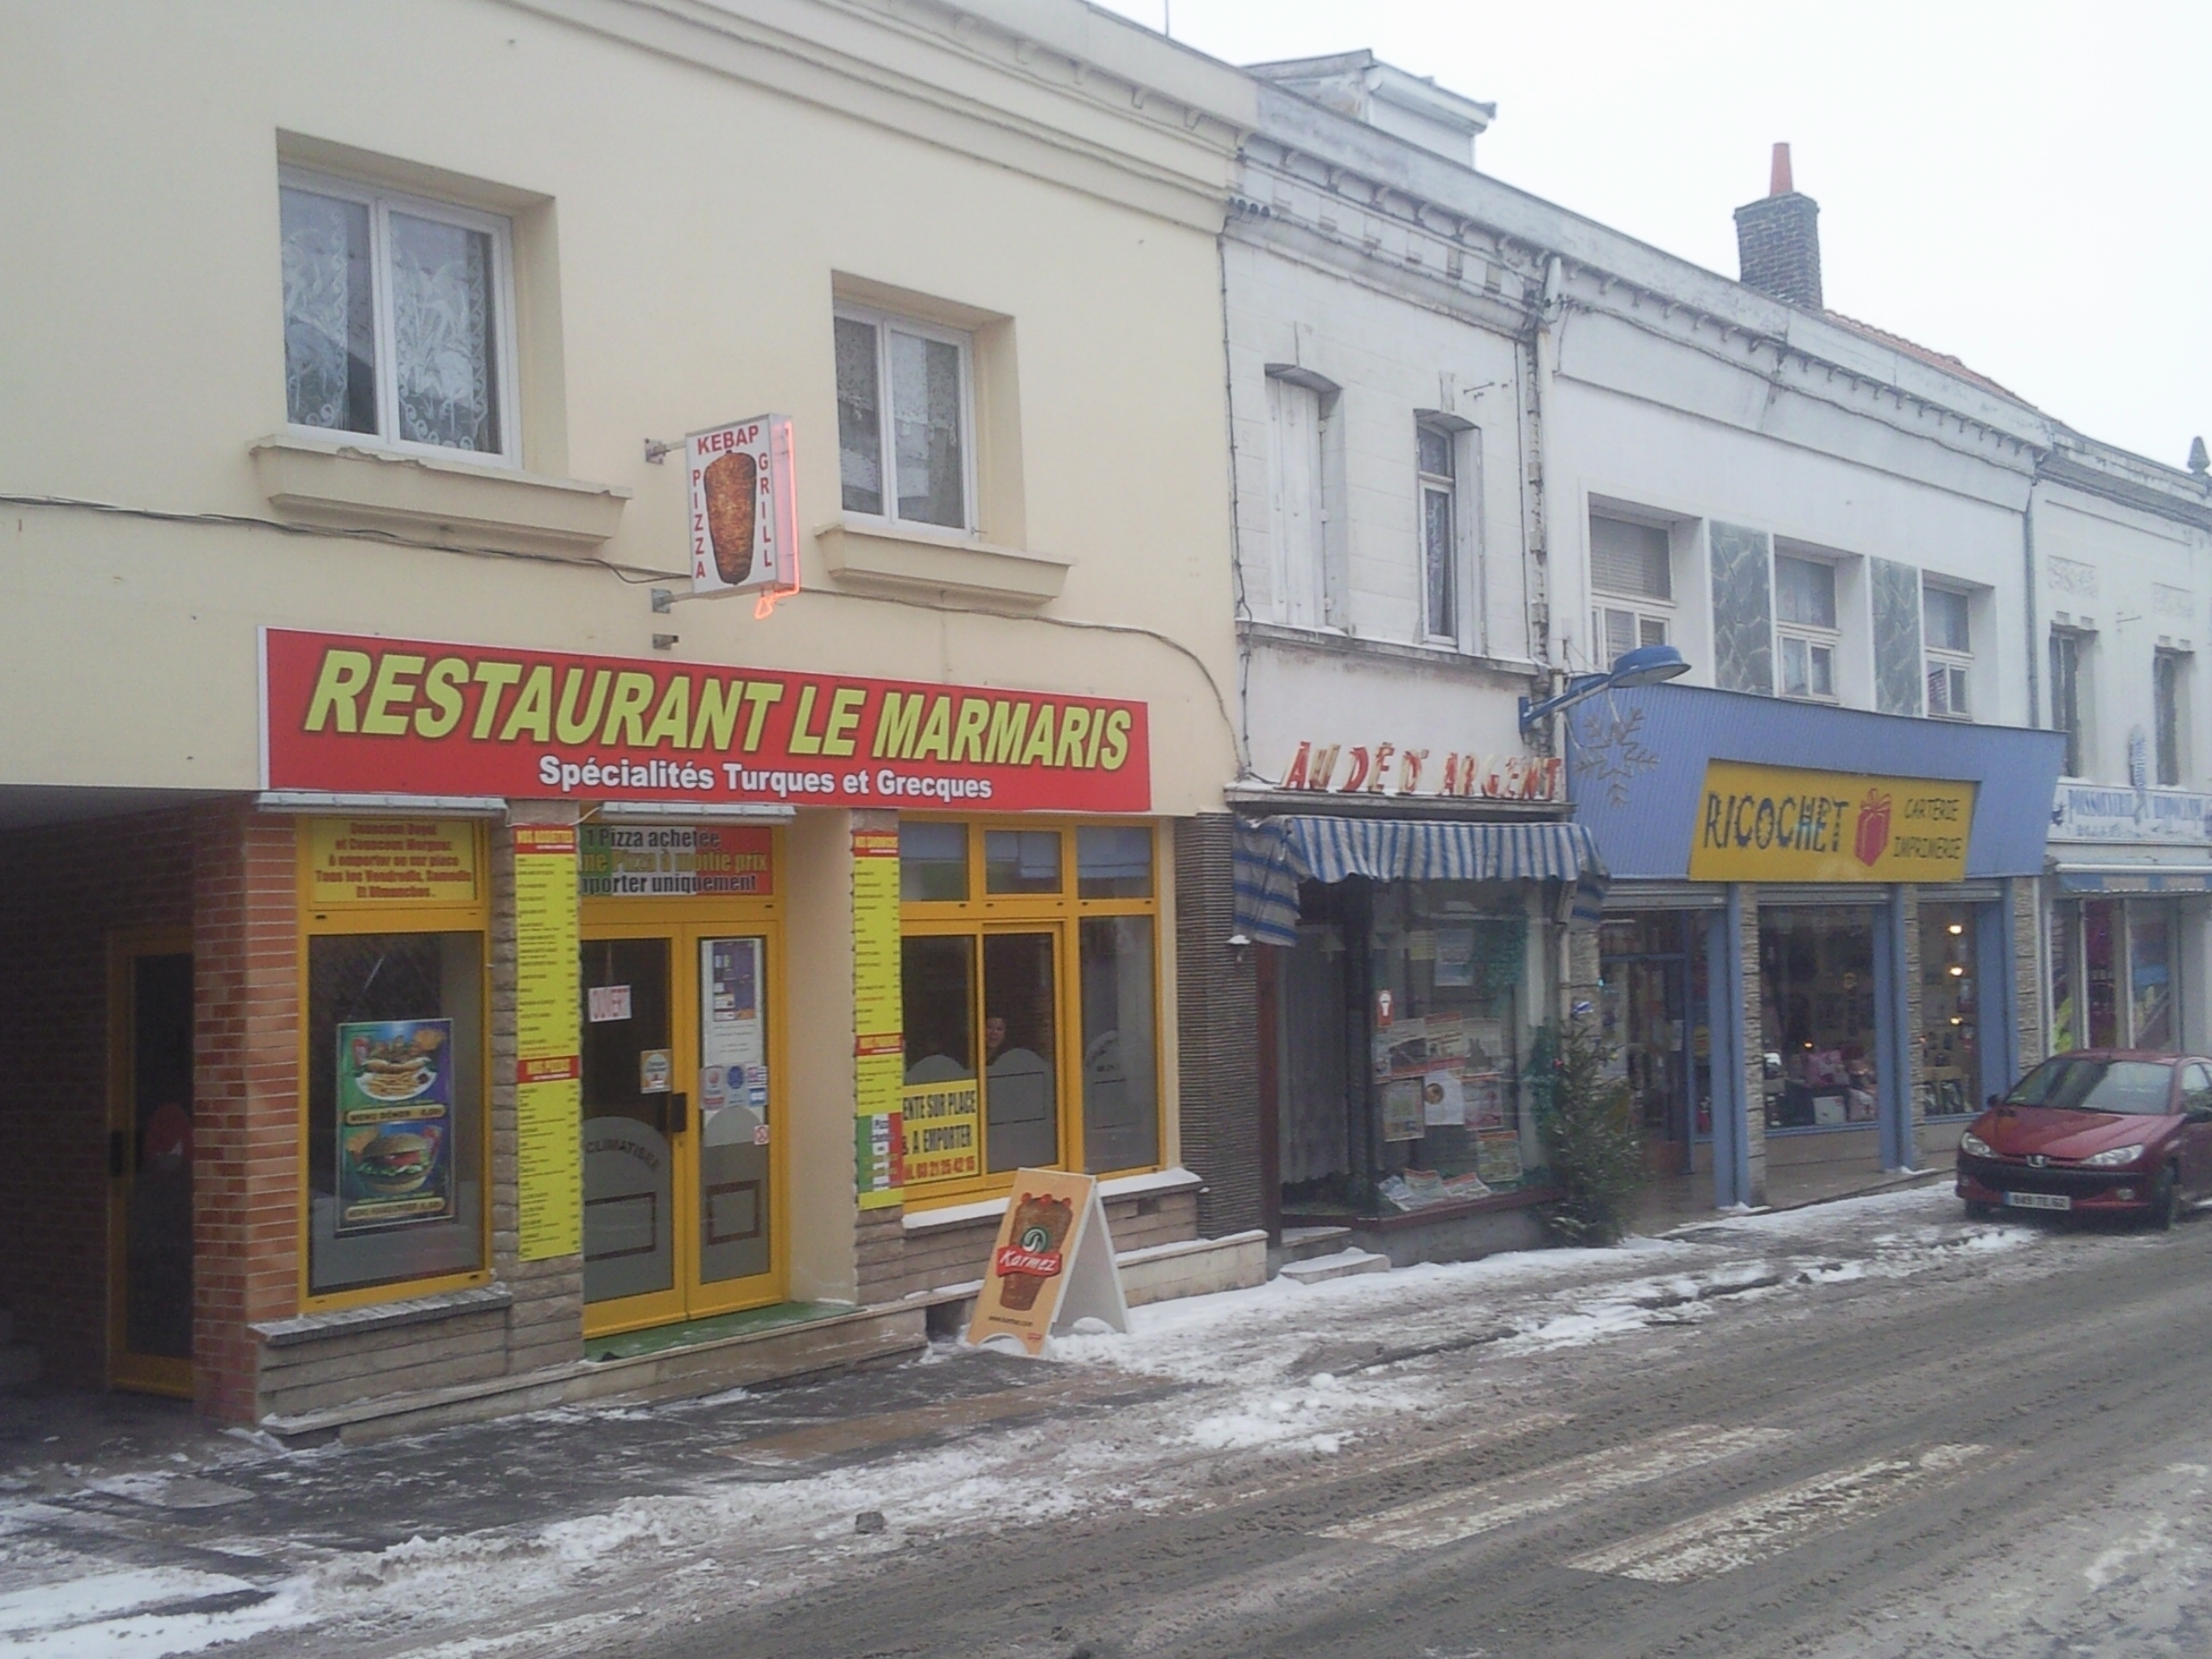 Restaurant Le Marmaris